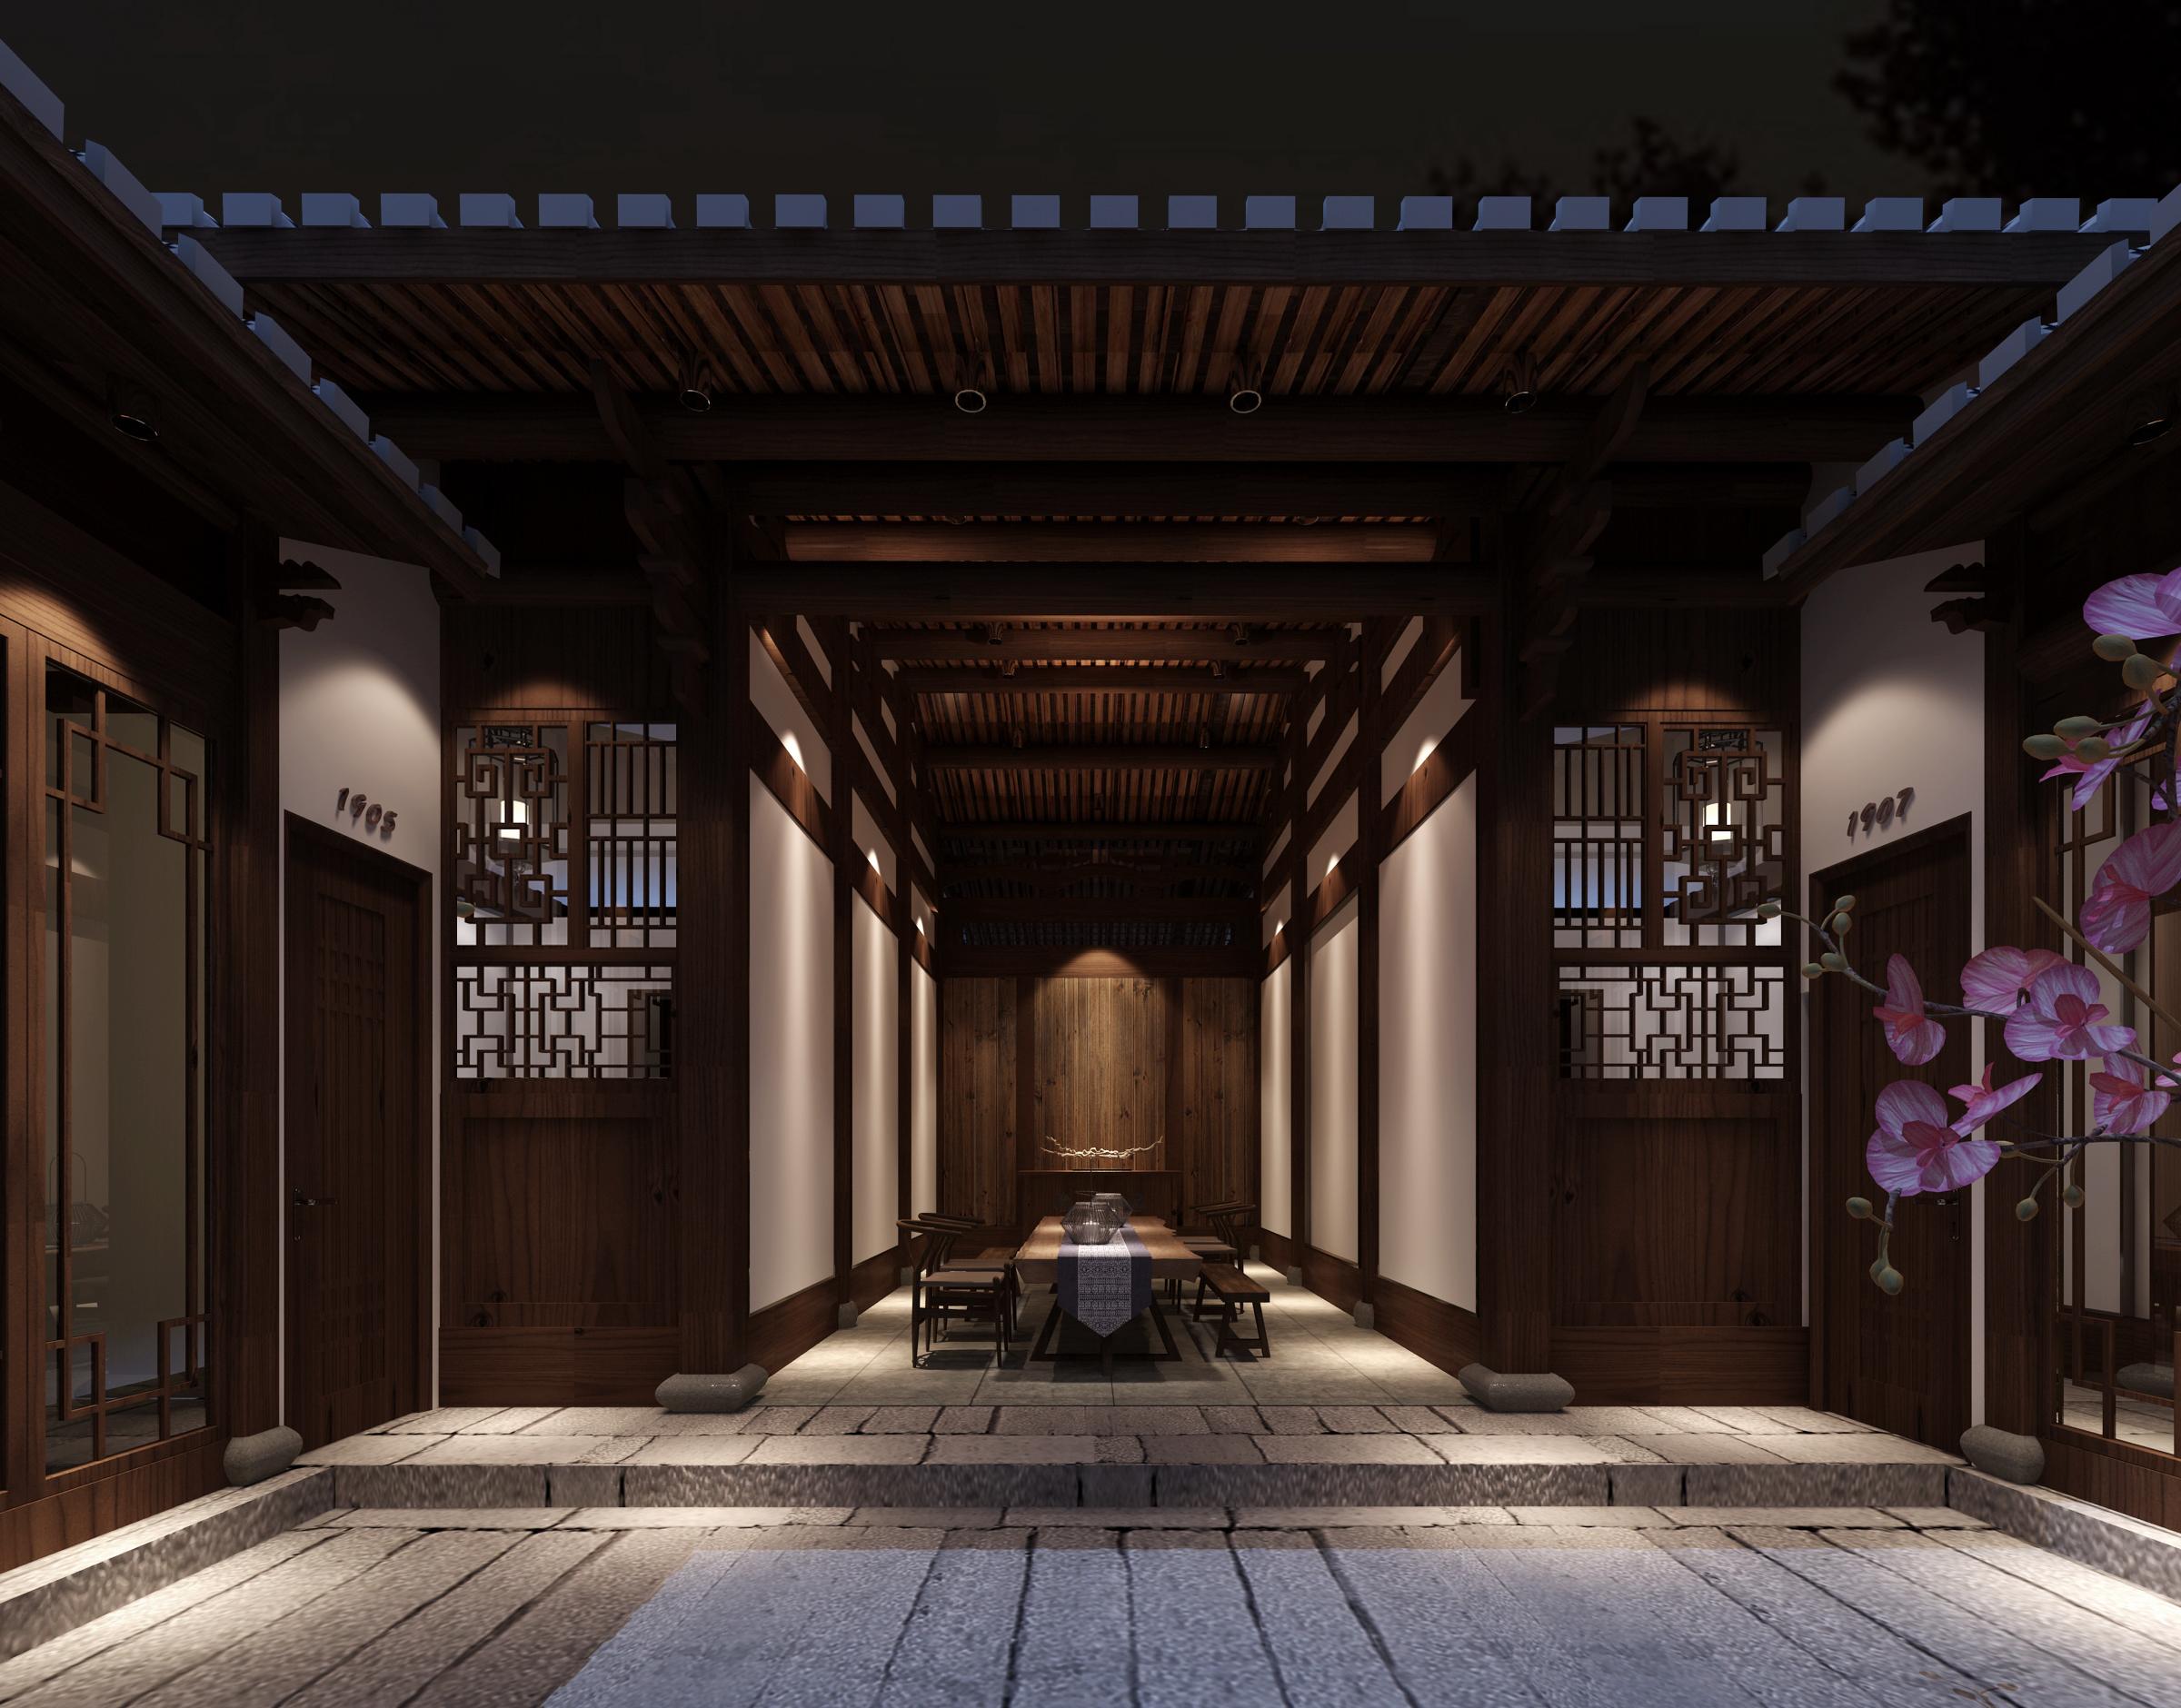 工装公司是这样装修酒店餐厅的酒店装修效果图_家庭房厅风格